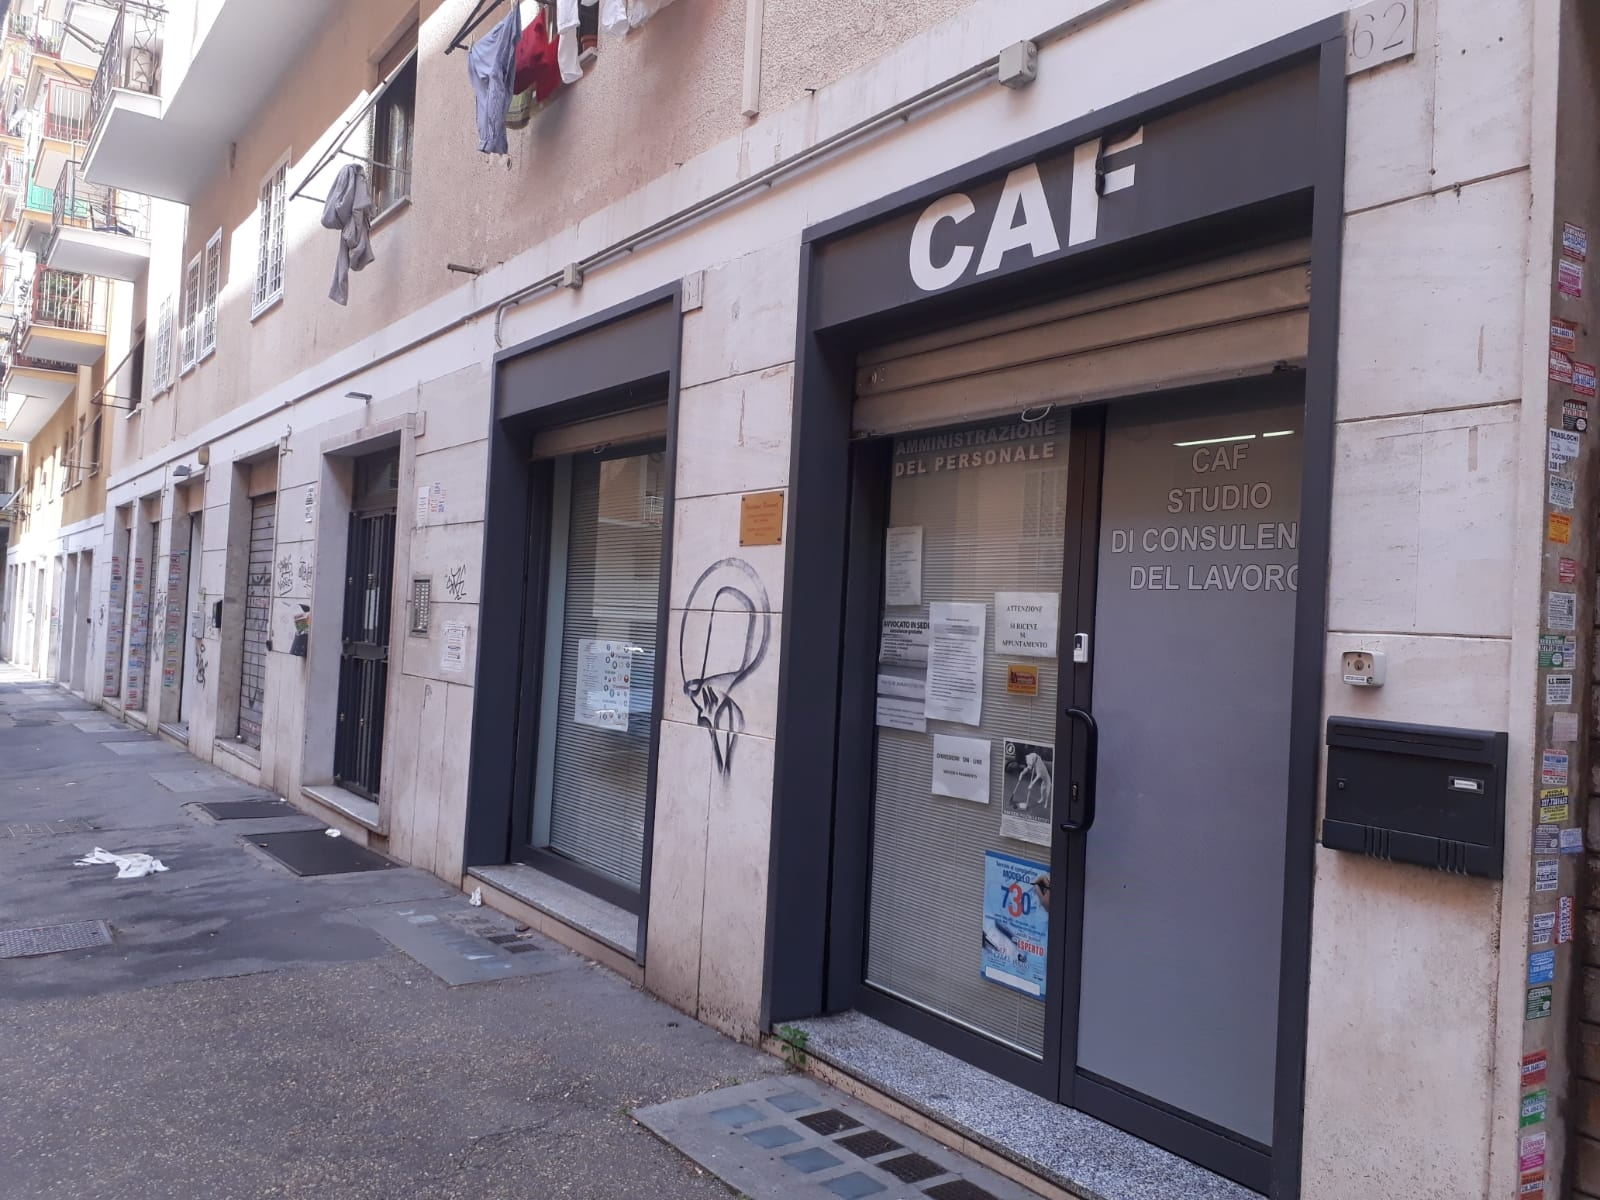 Agenzia frimm prenestina in via giorgio pitacco vendita for Affitto locale commerciale a roma